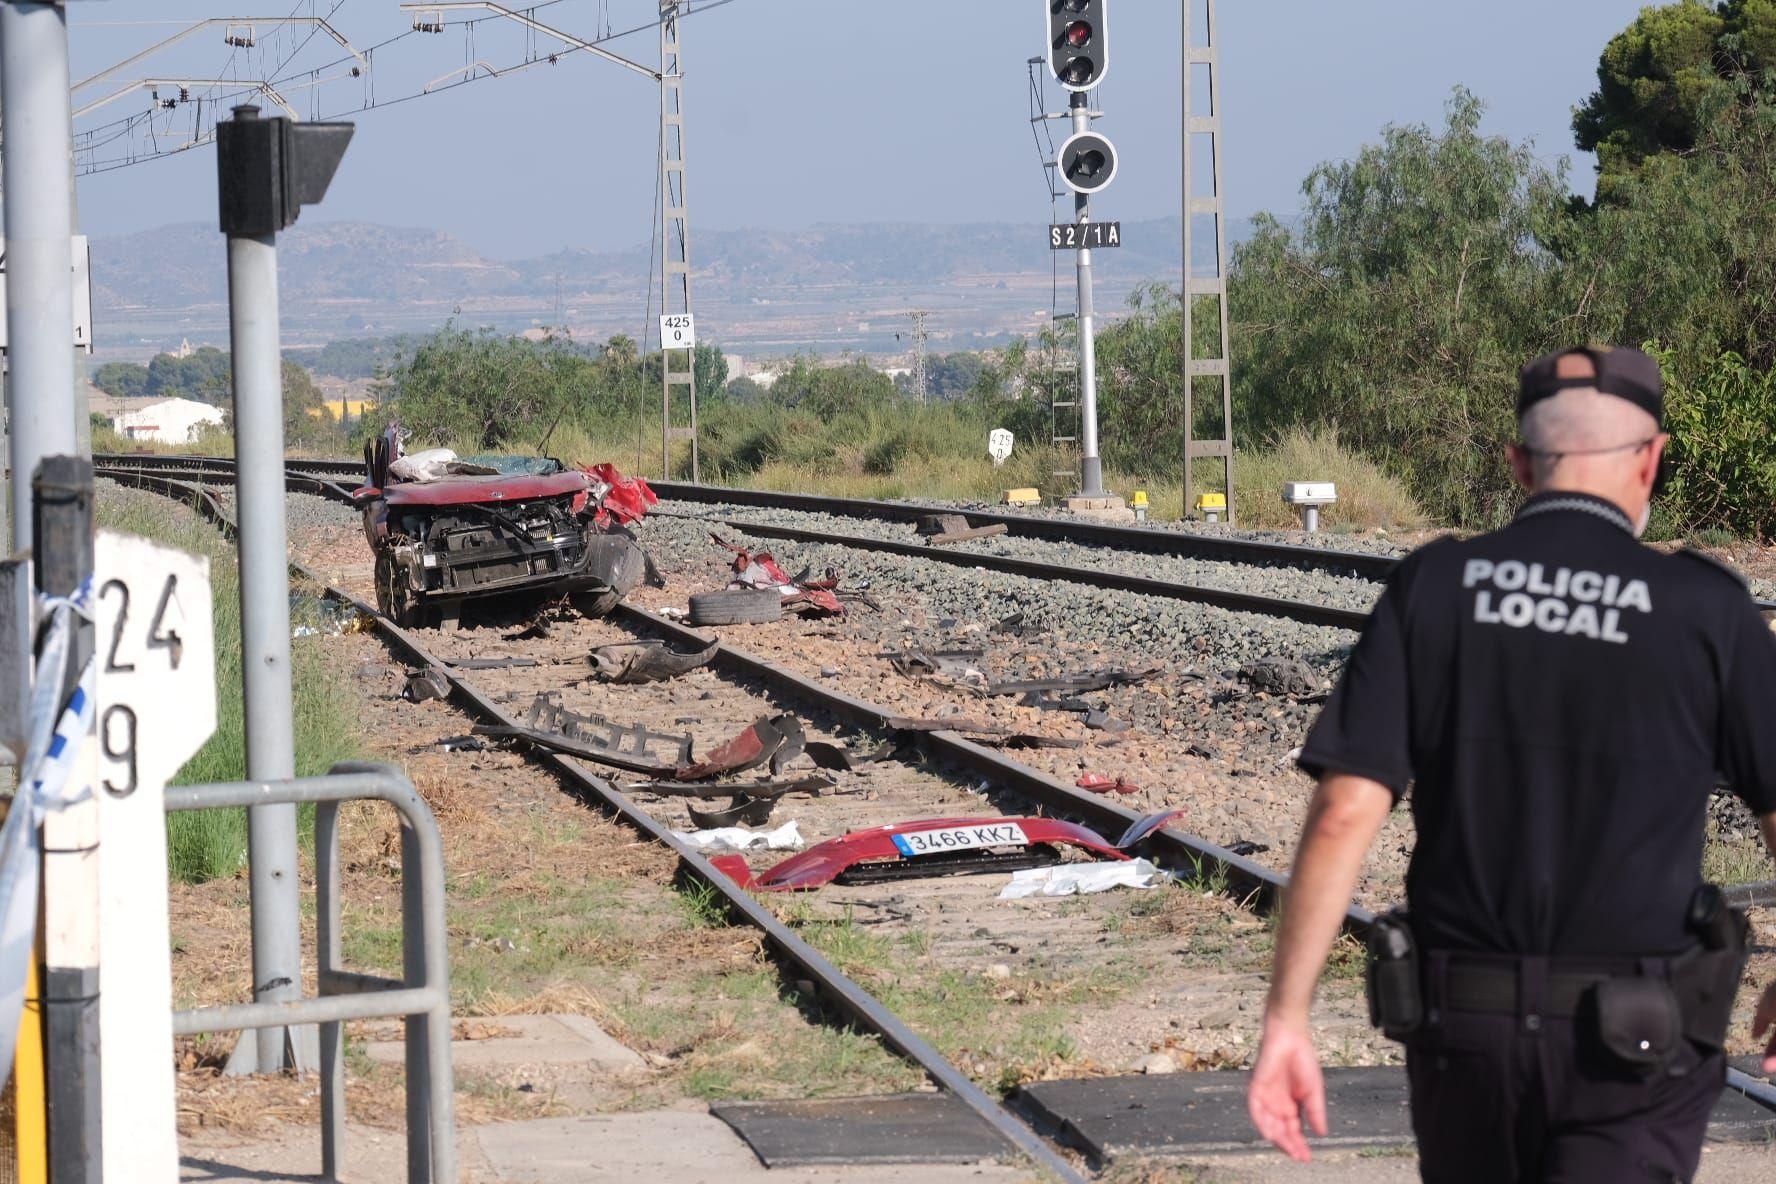 Accidente mortal en Novelda: un tren arrolla a cuatro personas que viajaban en un coche